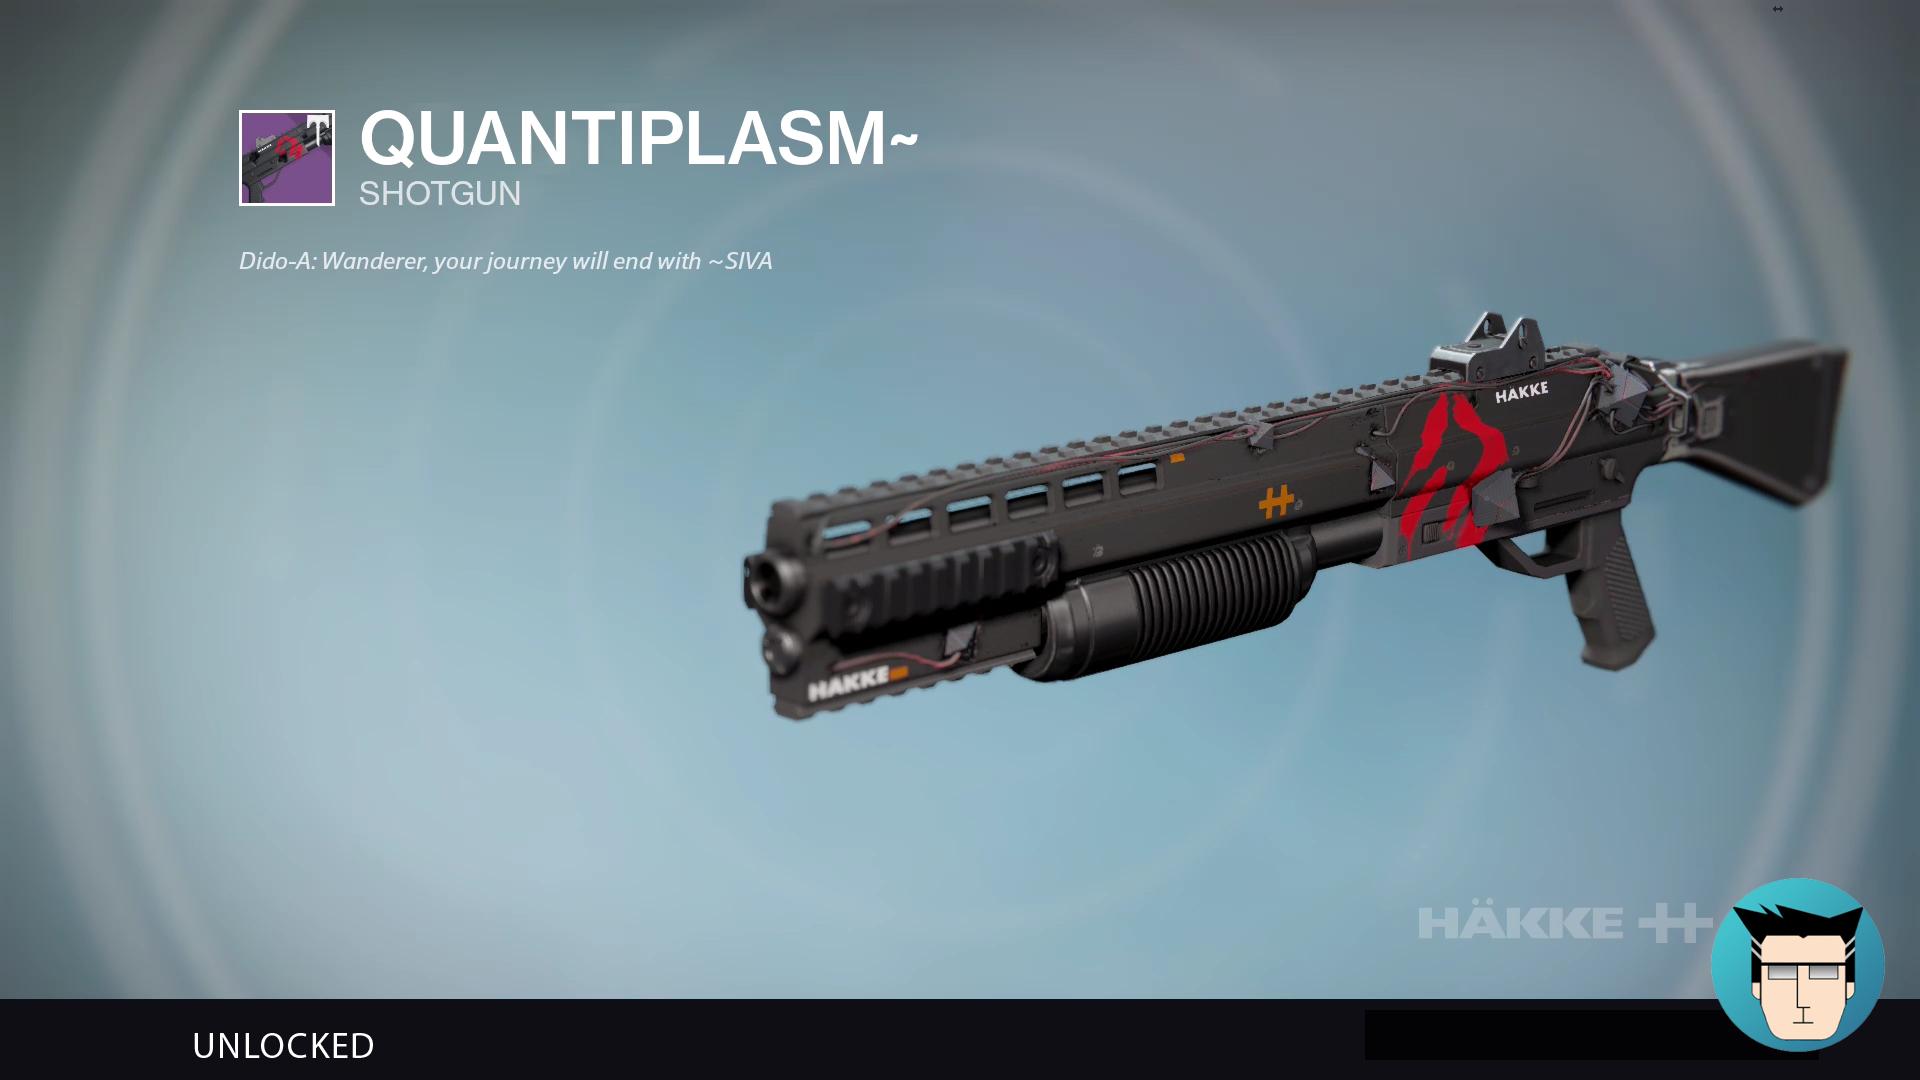 Quantiplasm~ | Unlocked